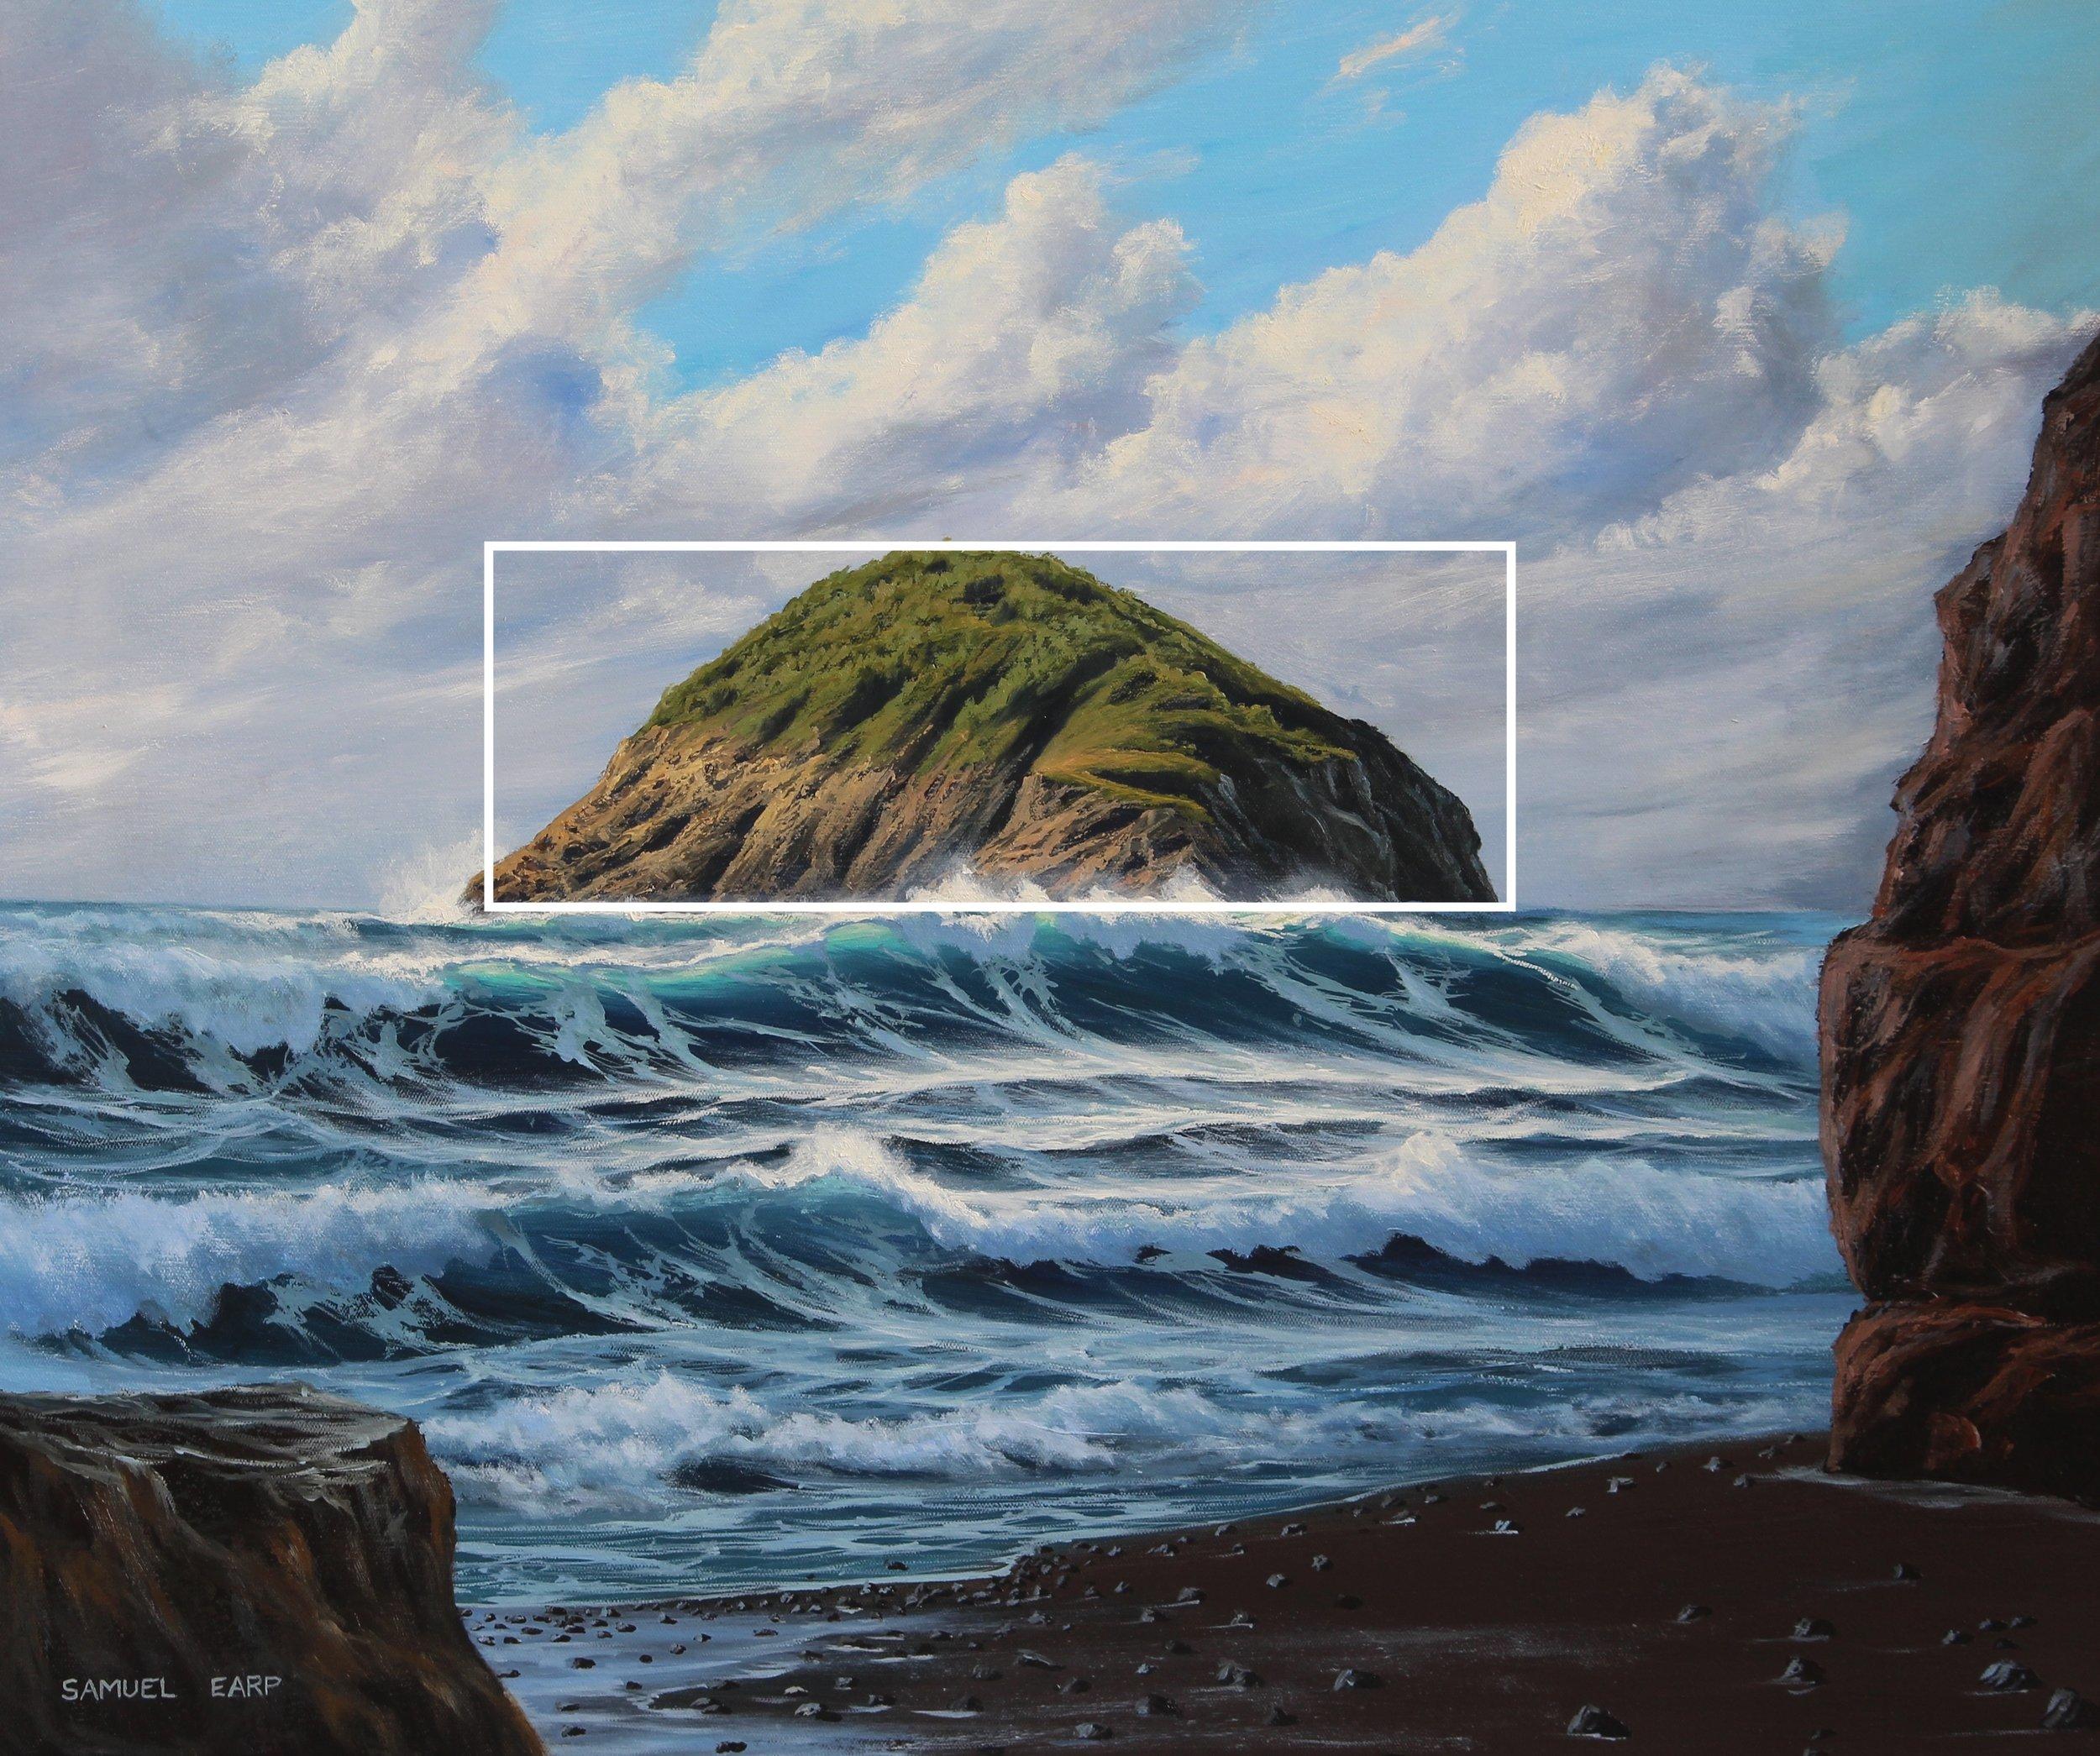 Motuotamatea Island - seascape painting - oil painting copy.JPG